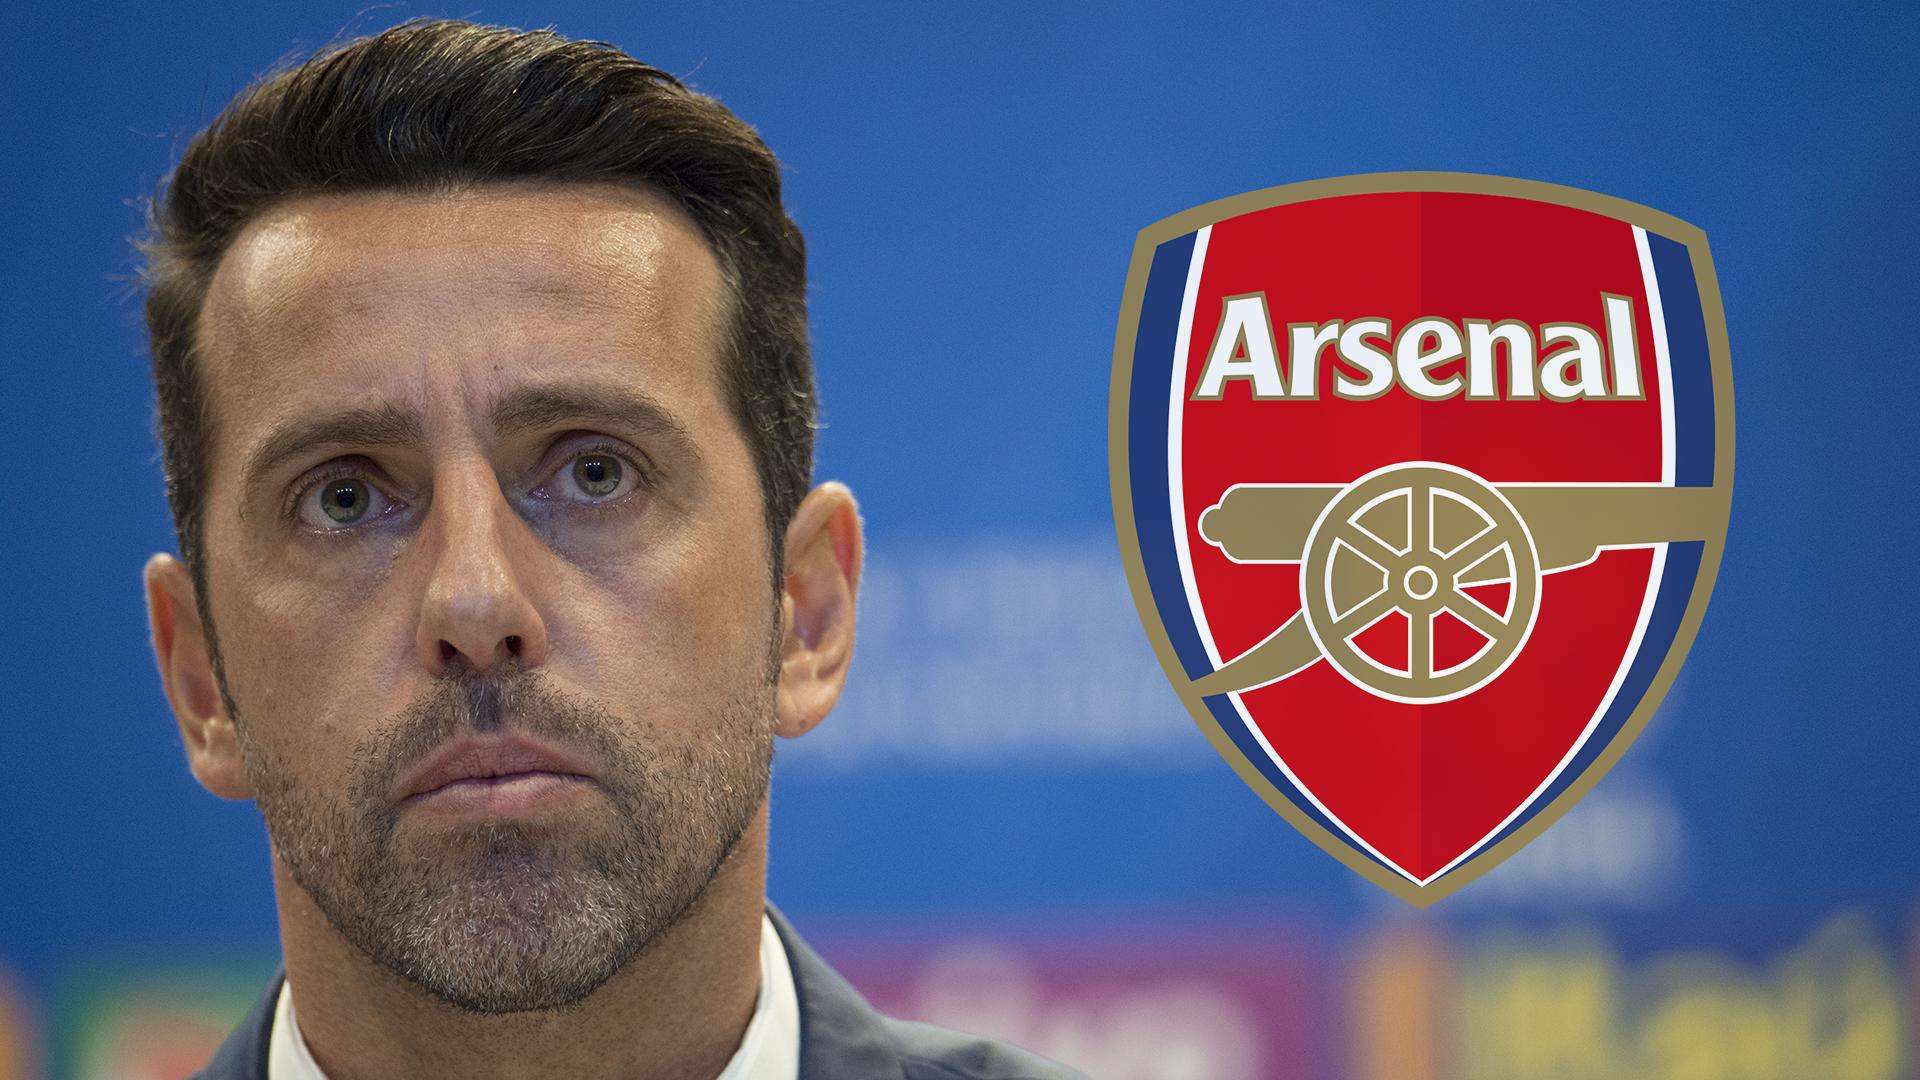 Edu Gaspar acerta para ser diretor do Arsenal depois da Copa América | Goal.com